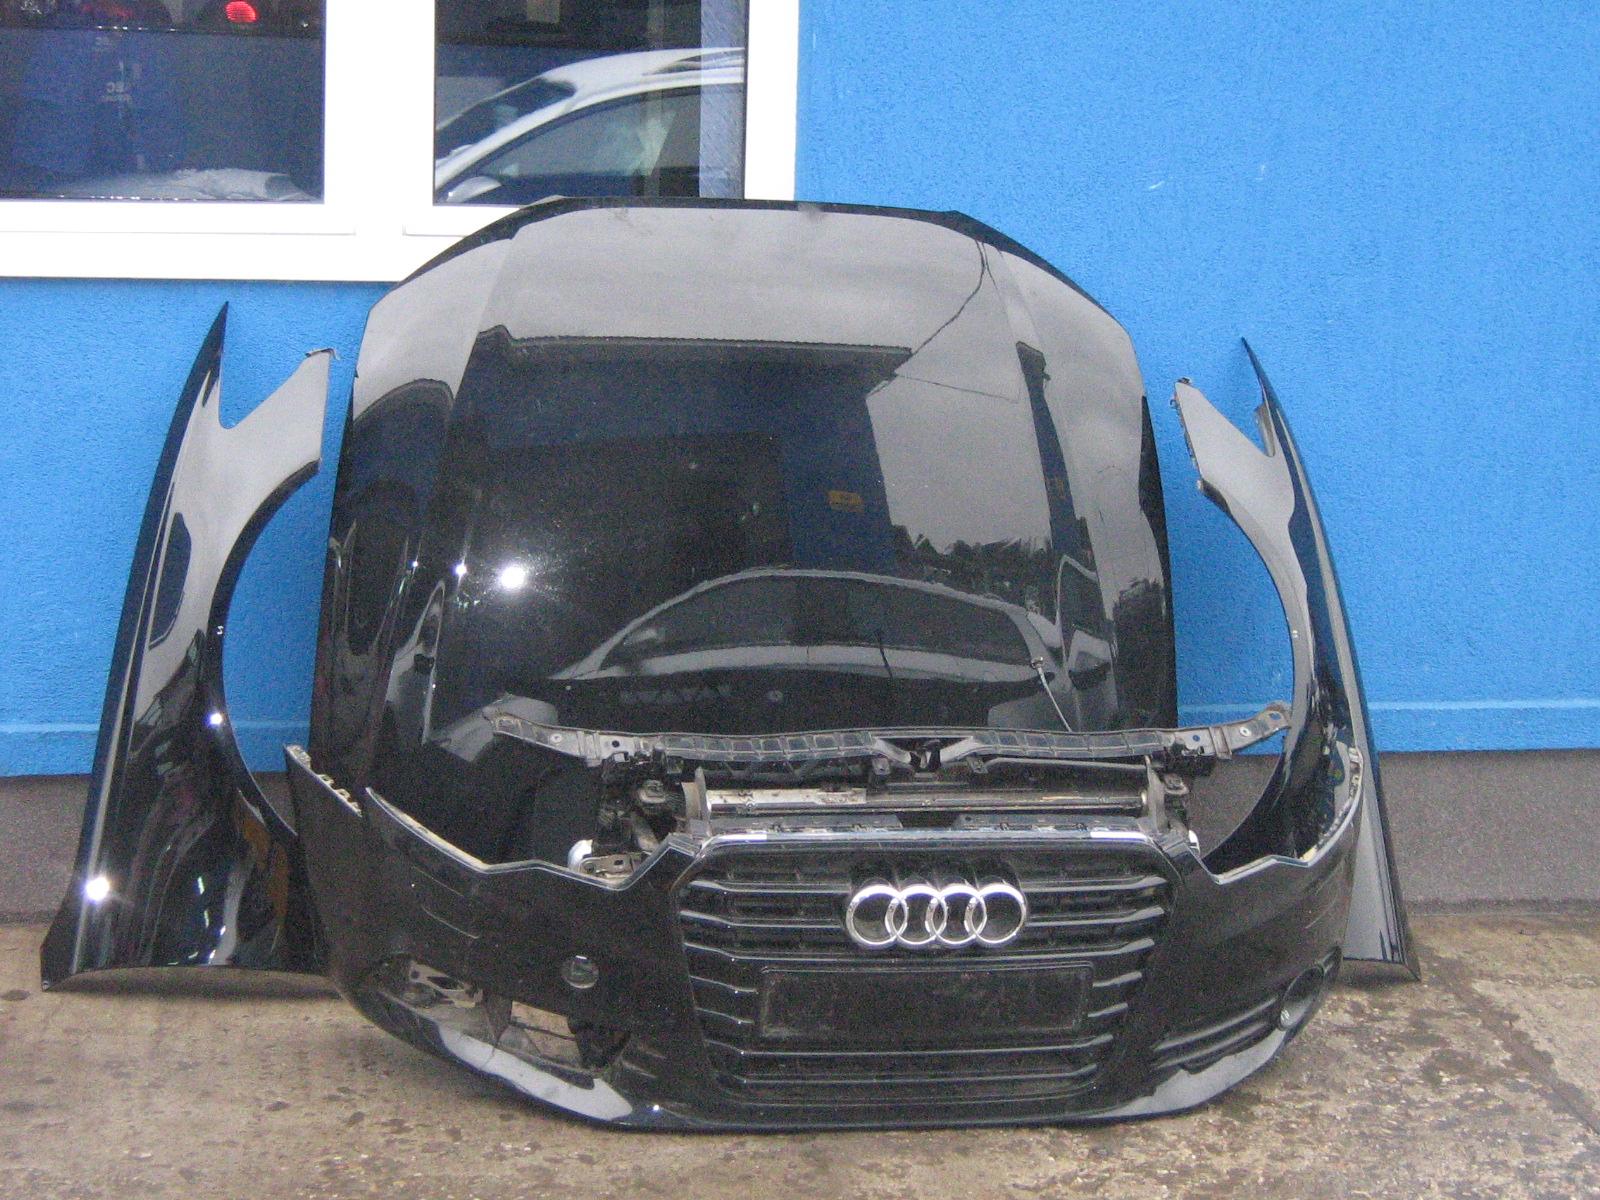 Bara fata Audi A6 - 11 Ianuarie 2012 - Poza 1